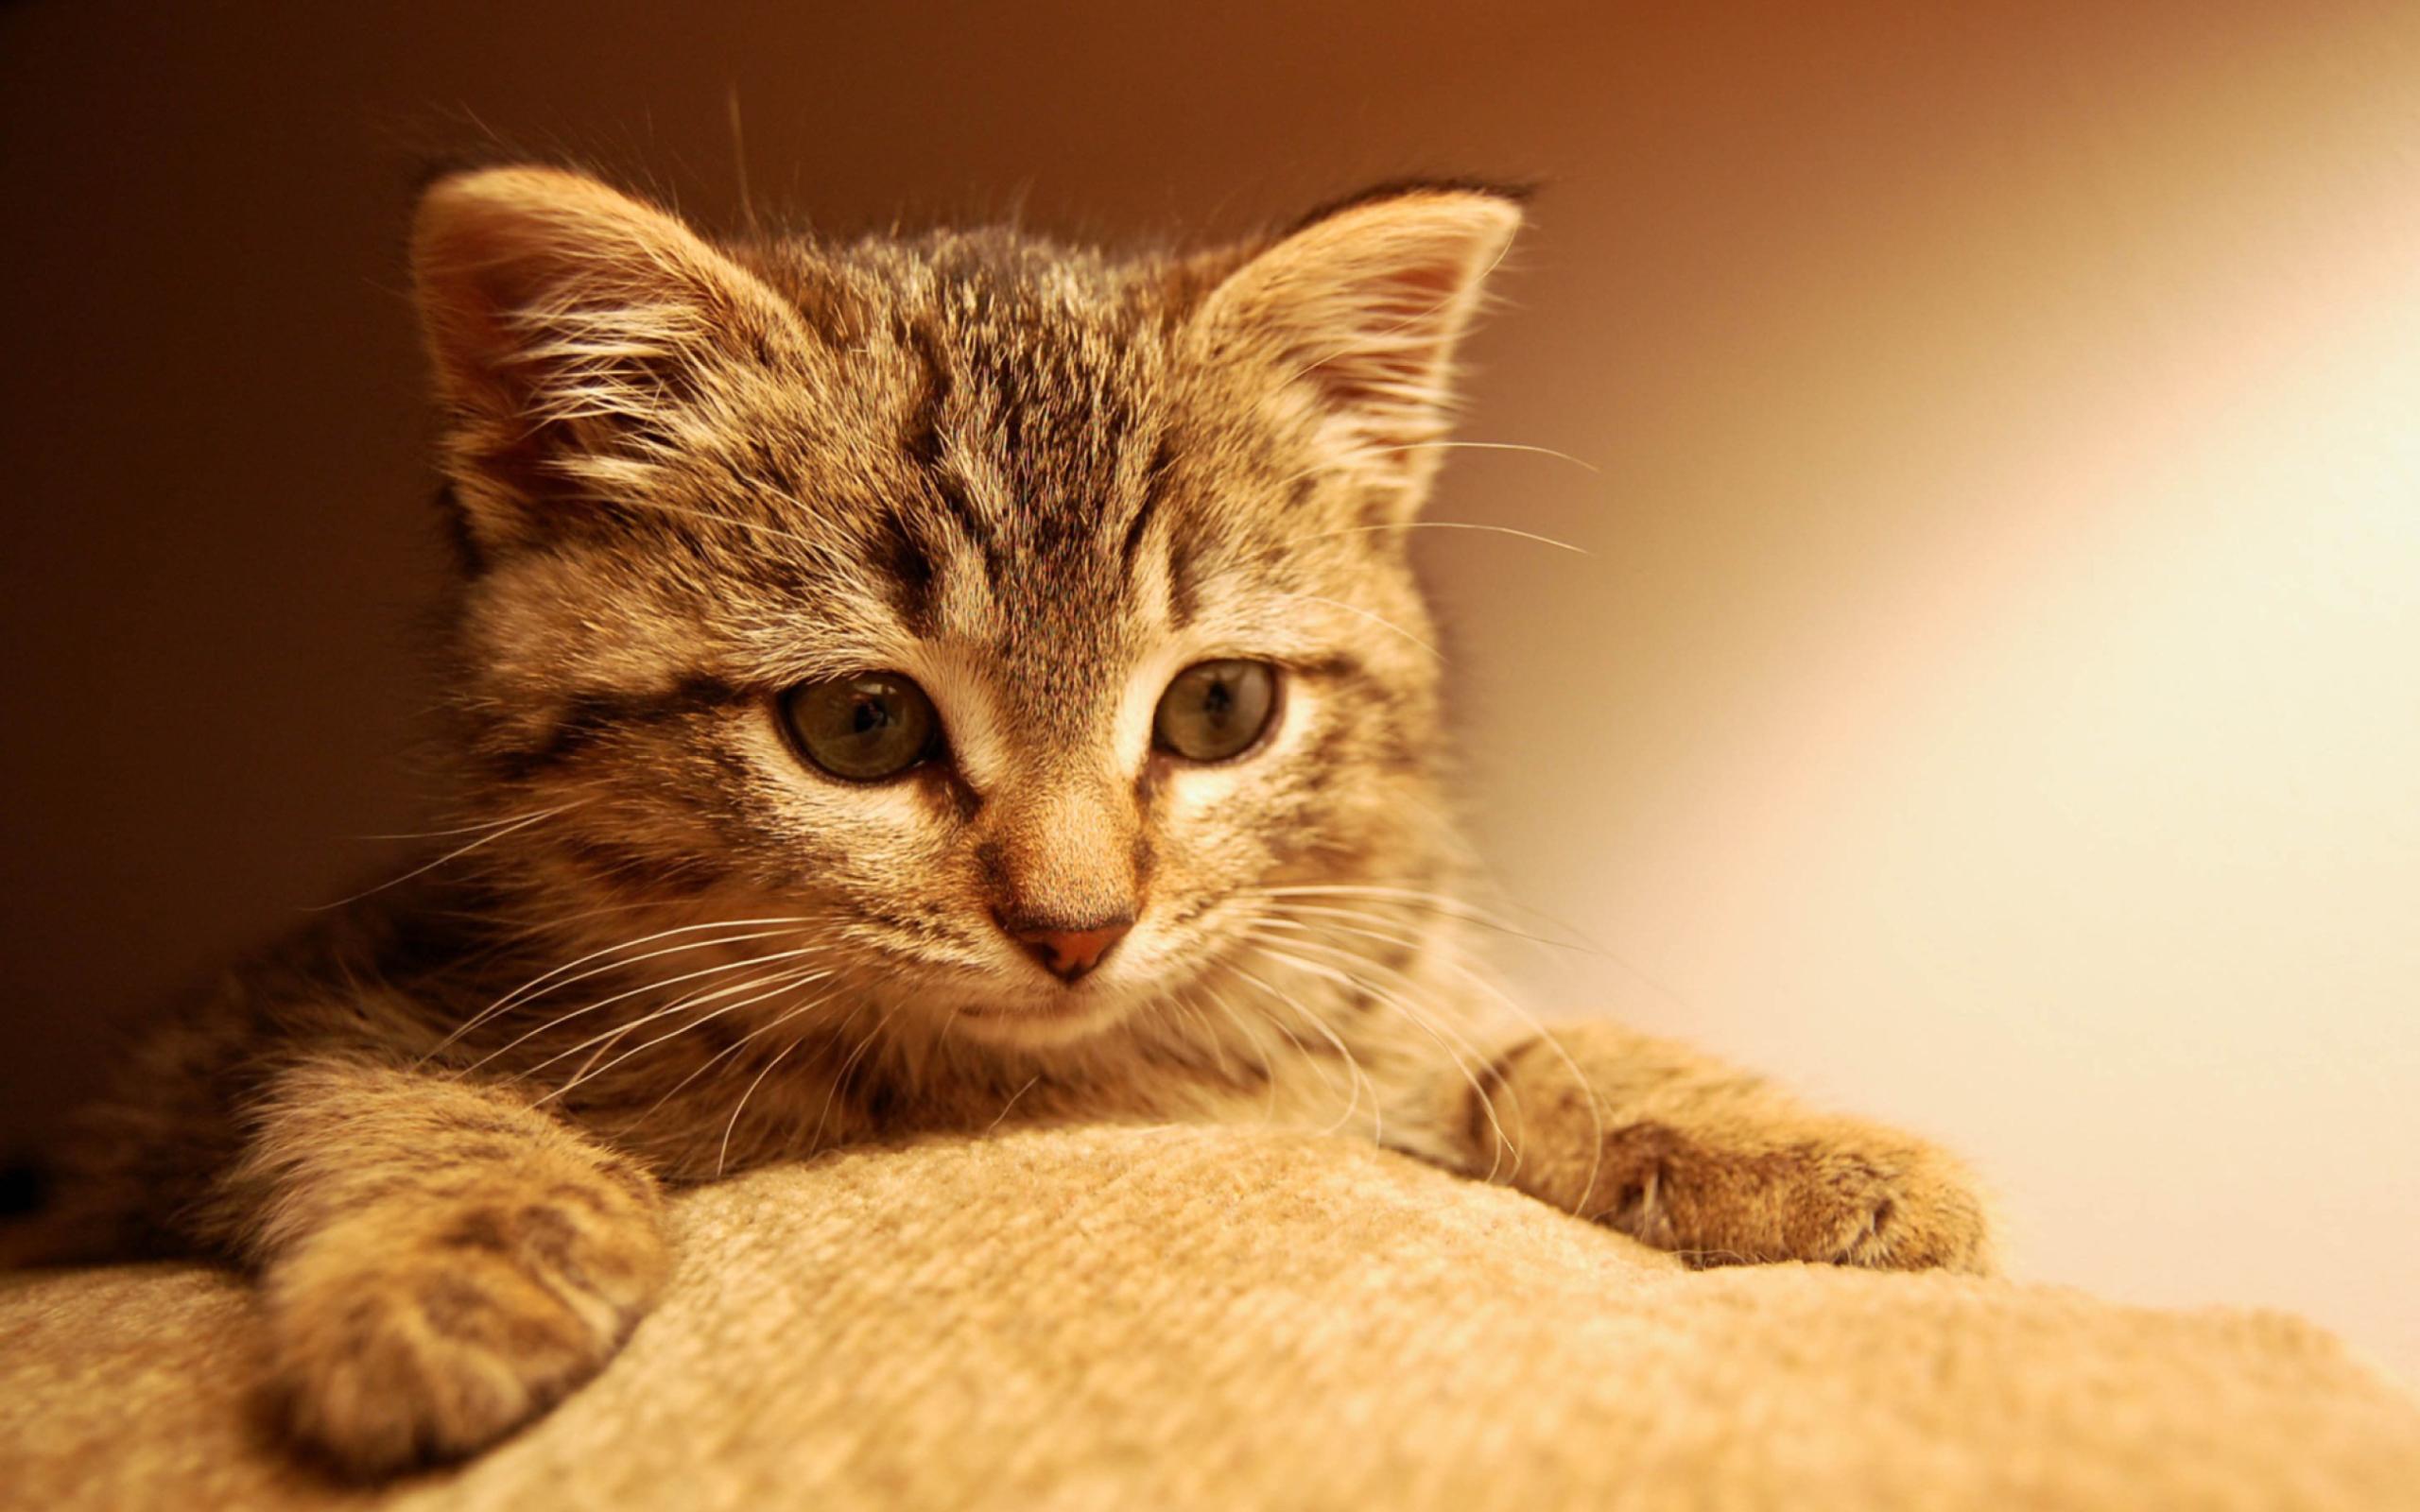 природа животные кот крупный план без смс